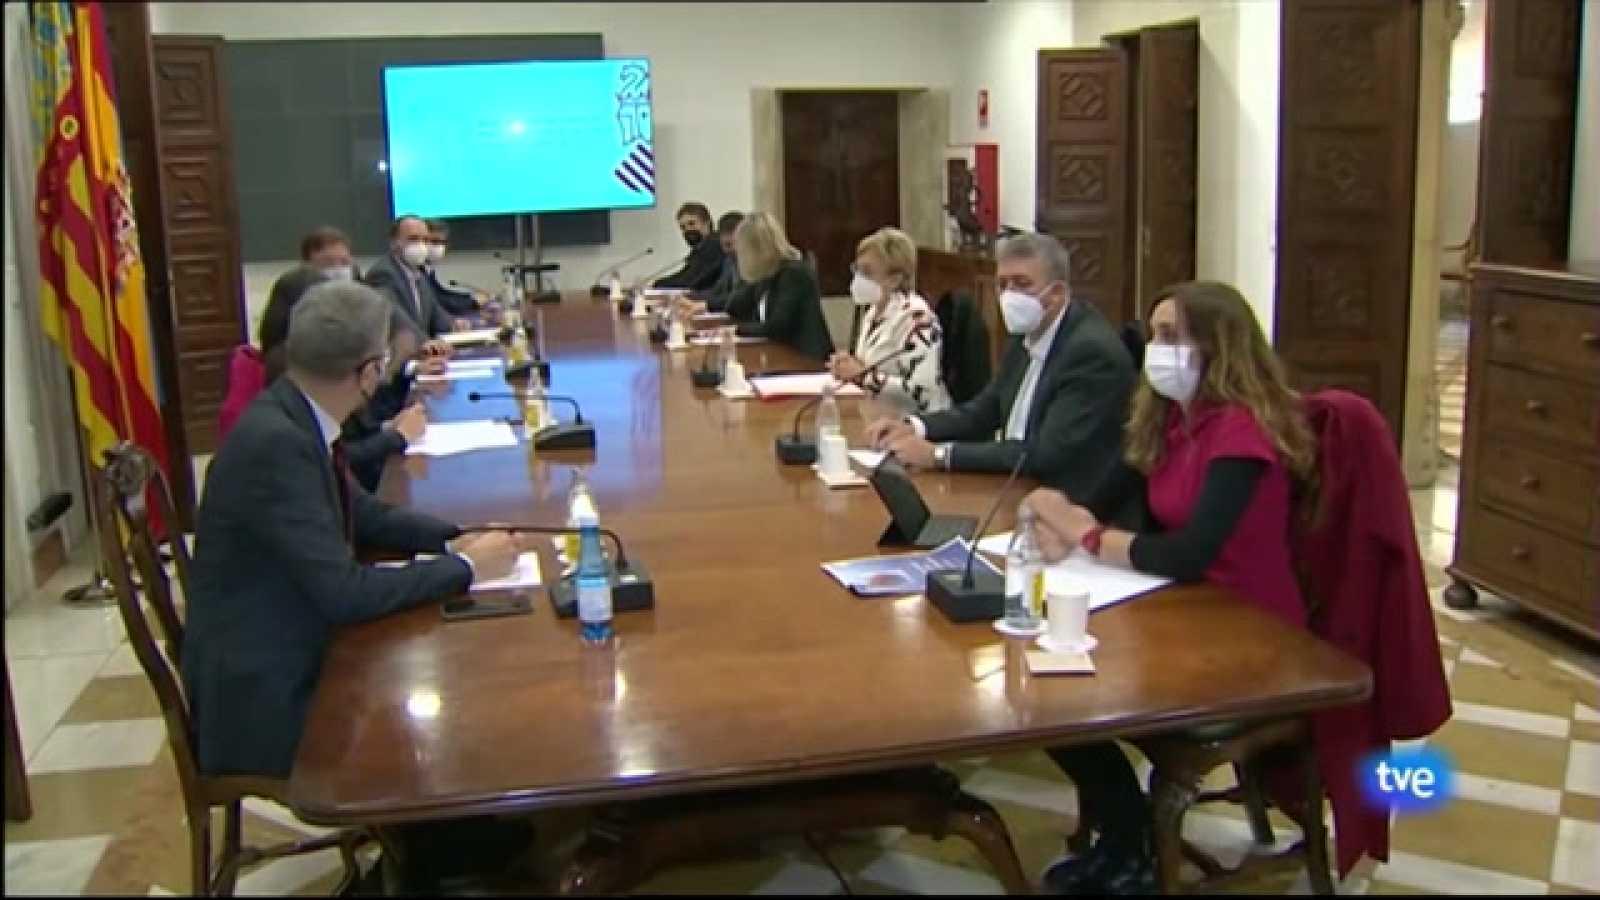 L'Informatiu Comunitat Valenciana 2 - 25/02/21 ver ahora